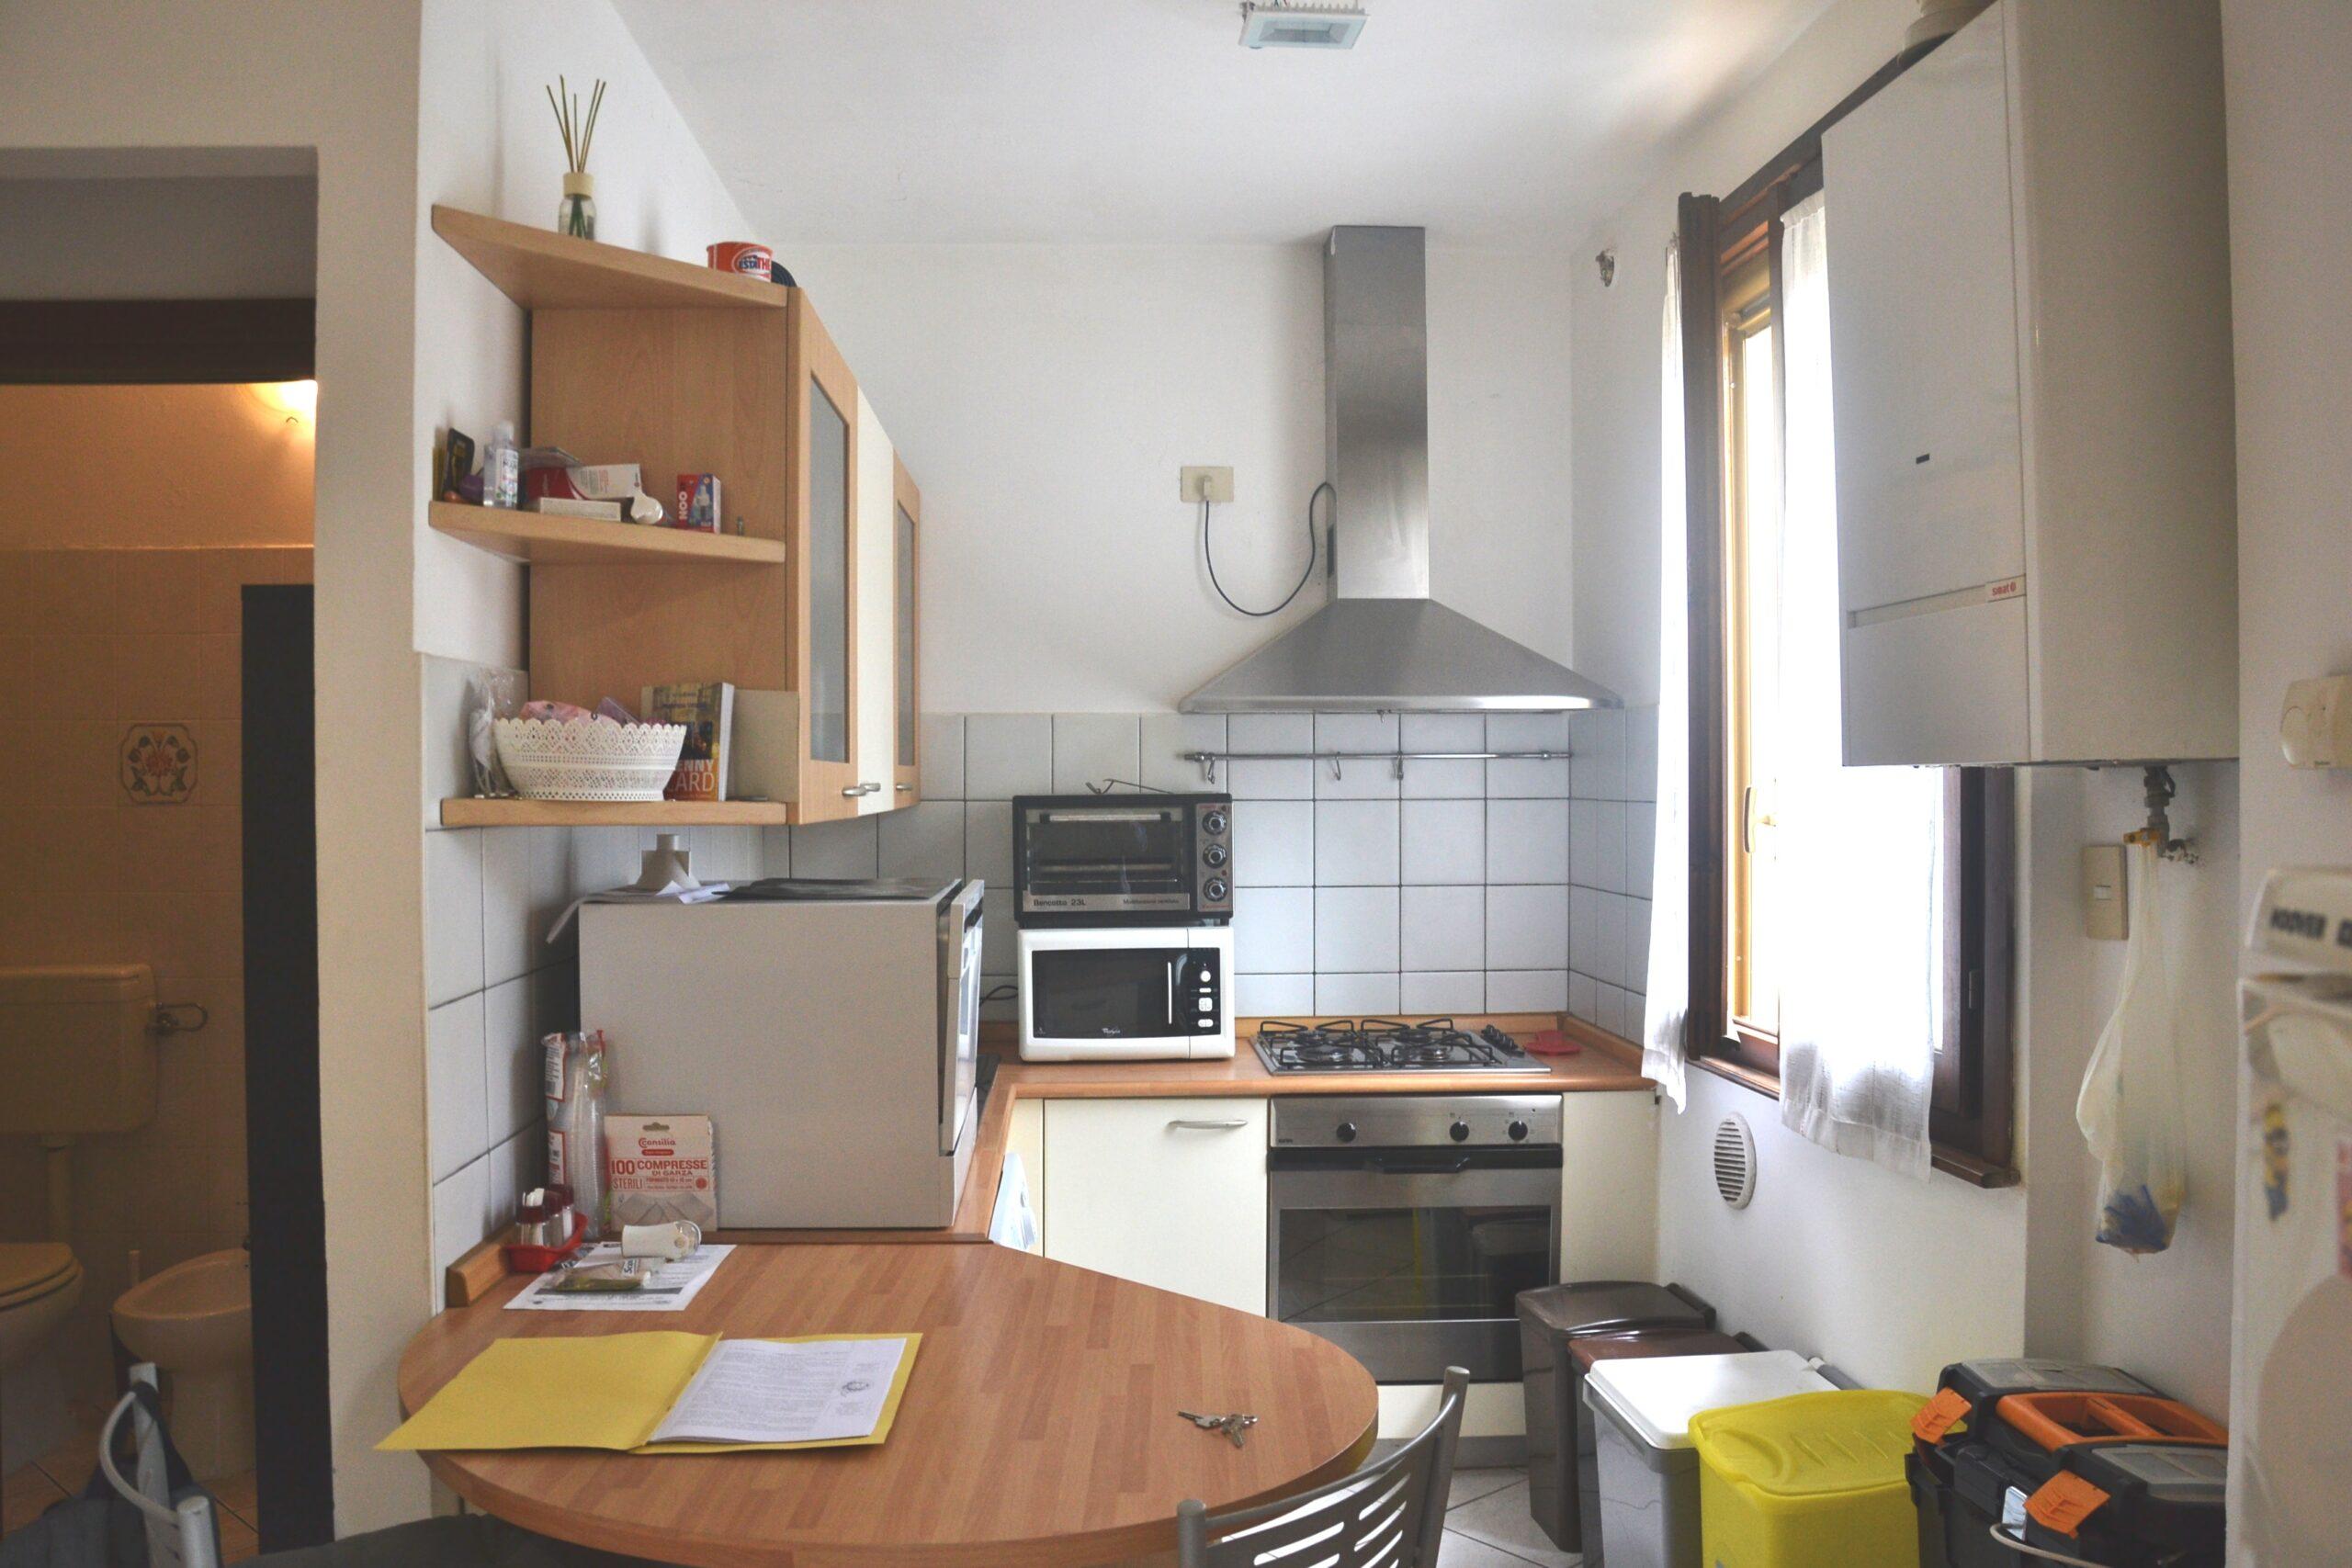 Foto Monolocale arredato, Arizzano